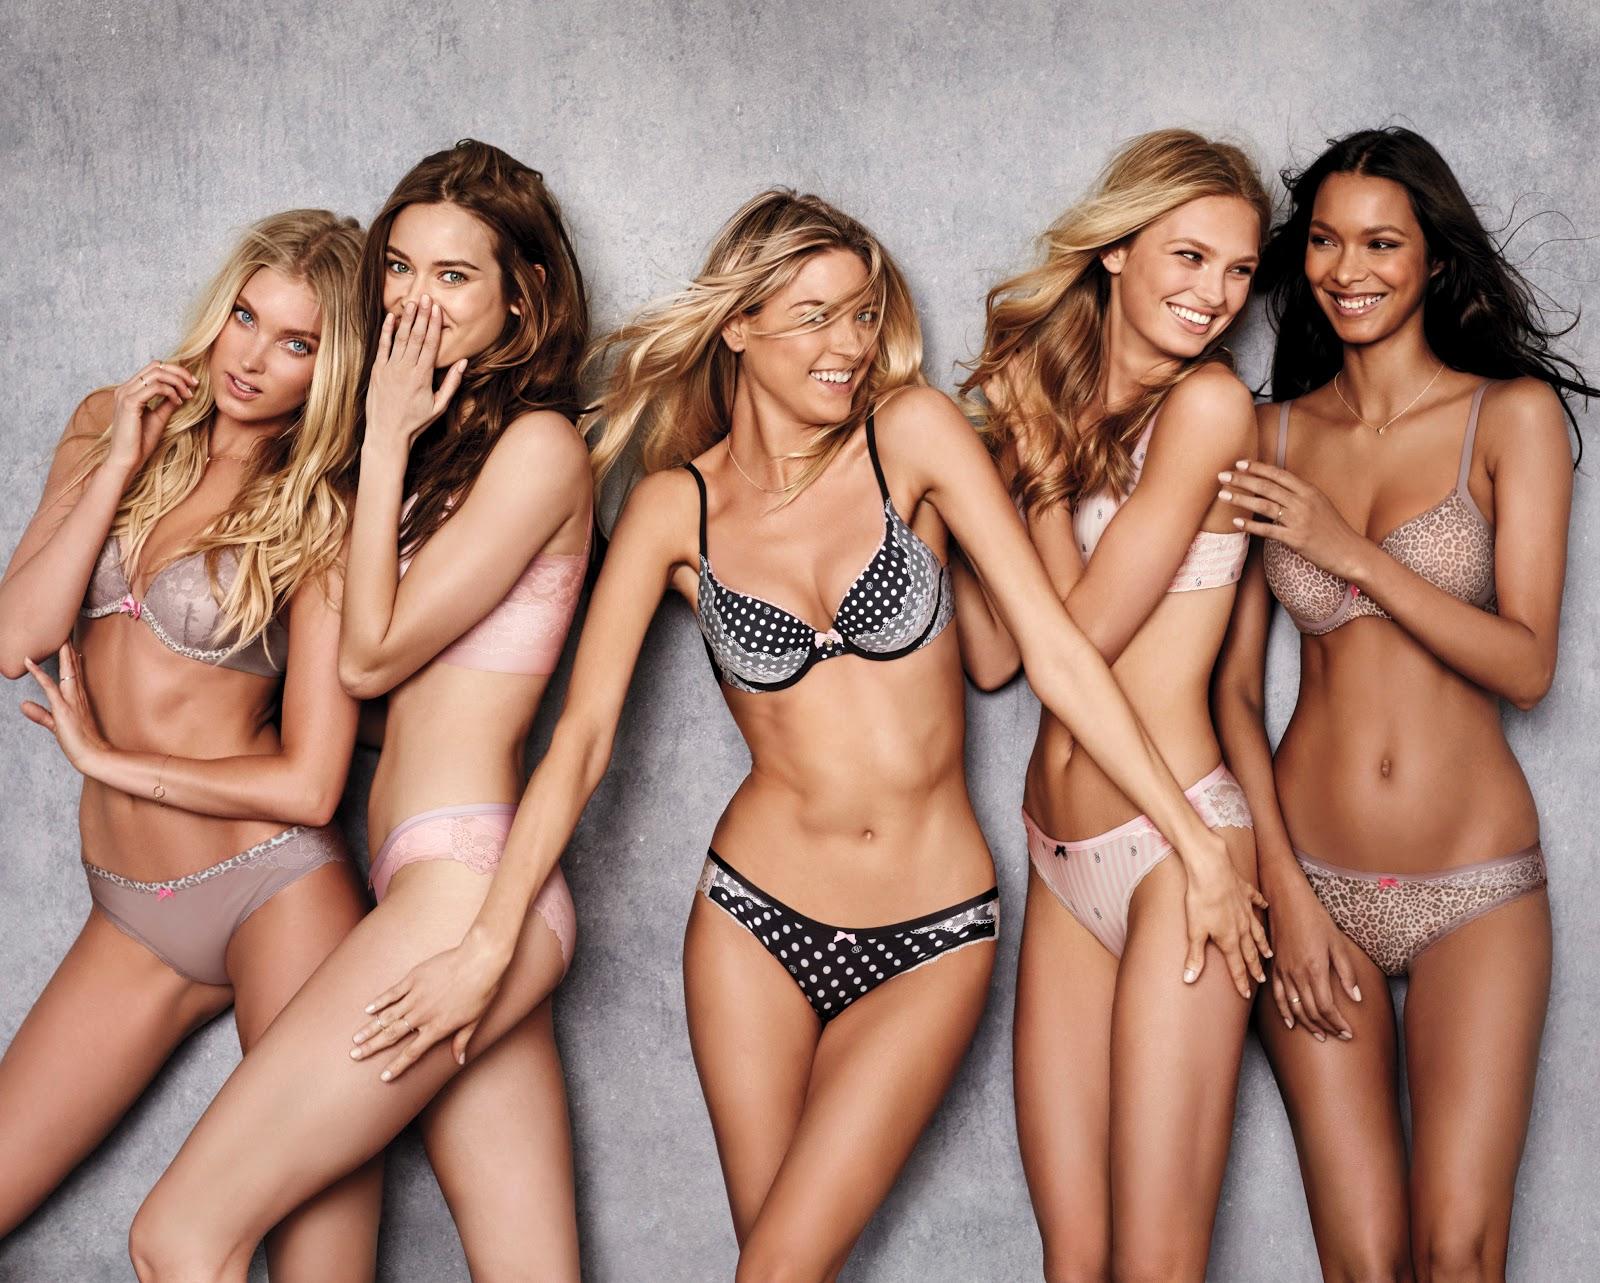 victoria-secret-models-nude-fucked-nude-dominican-nudes